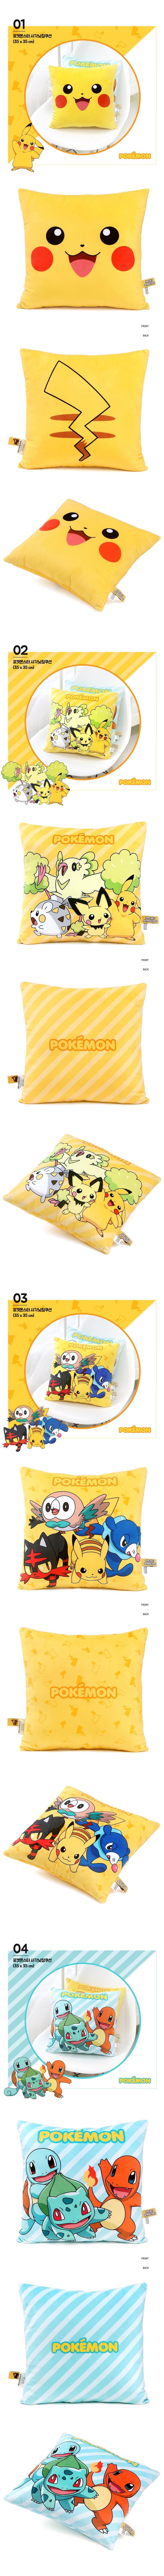 포켓몬스터 사각낮잠쿠션 1 - 누리토이즈, 15,000원, 캐릭터인형, 게임/애니메이션